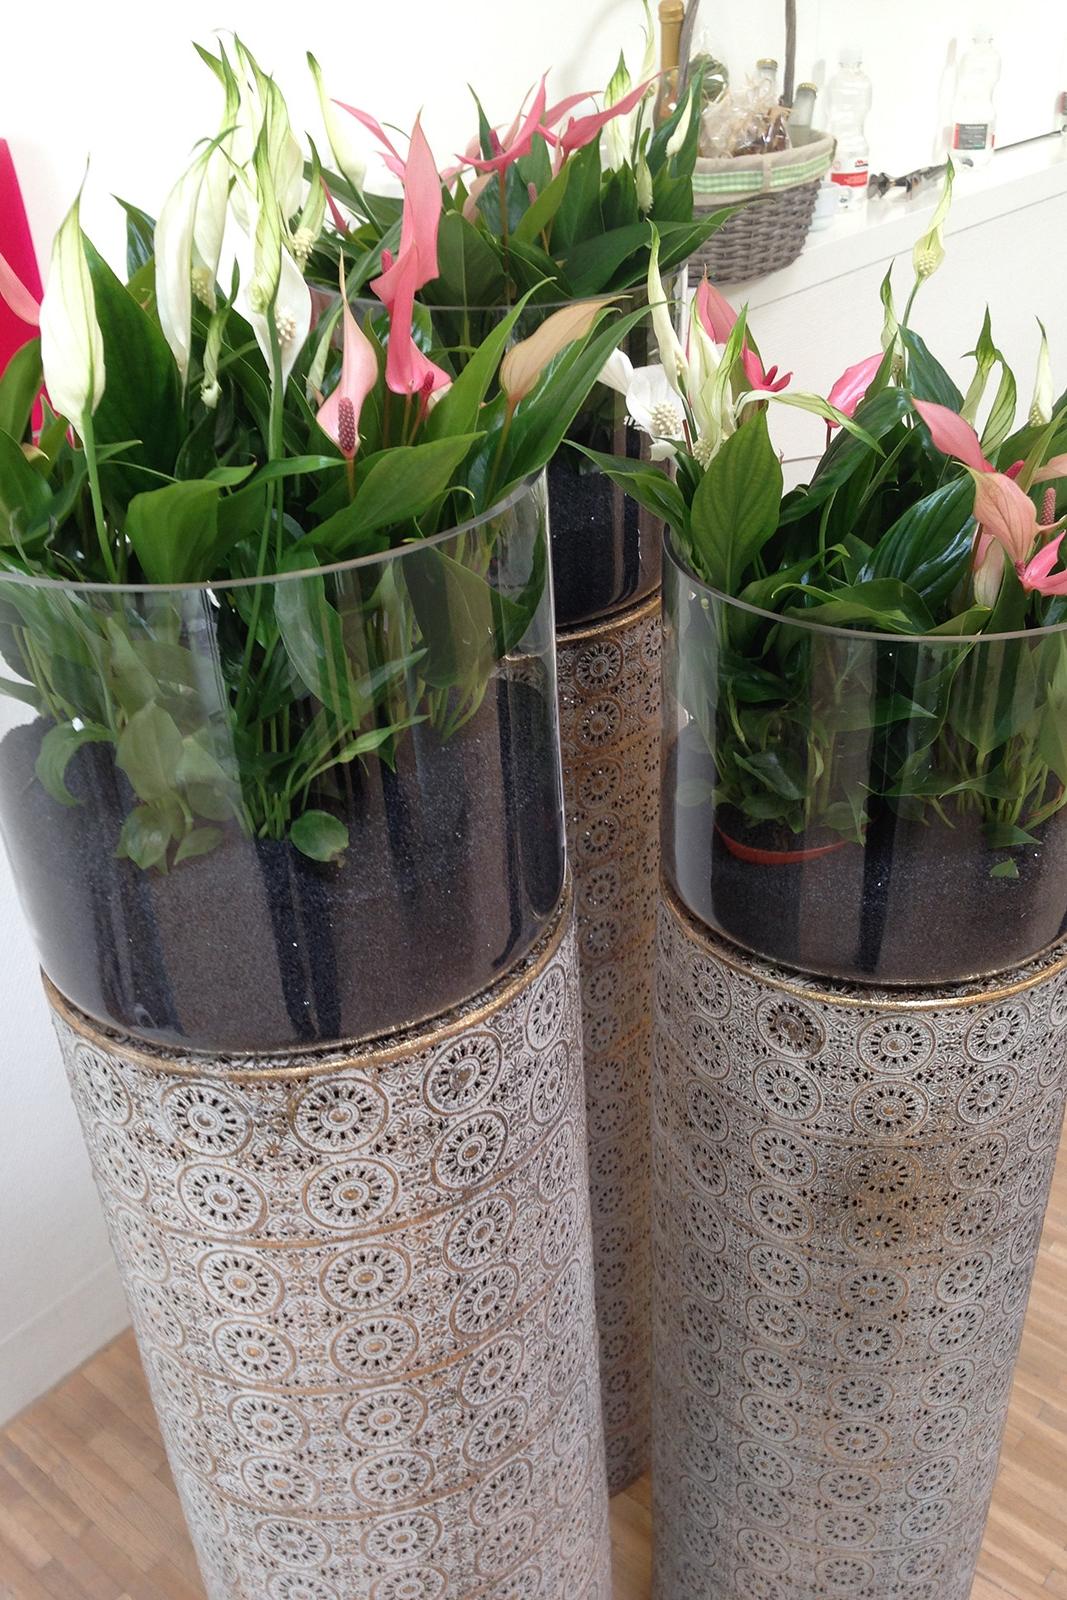 Vasen auf Säulen für individuelle Bepflanzung